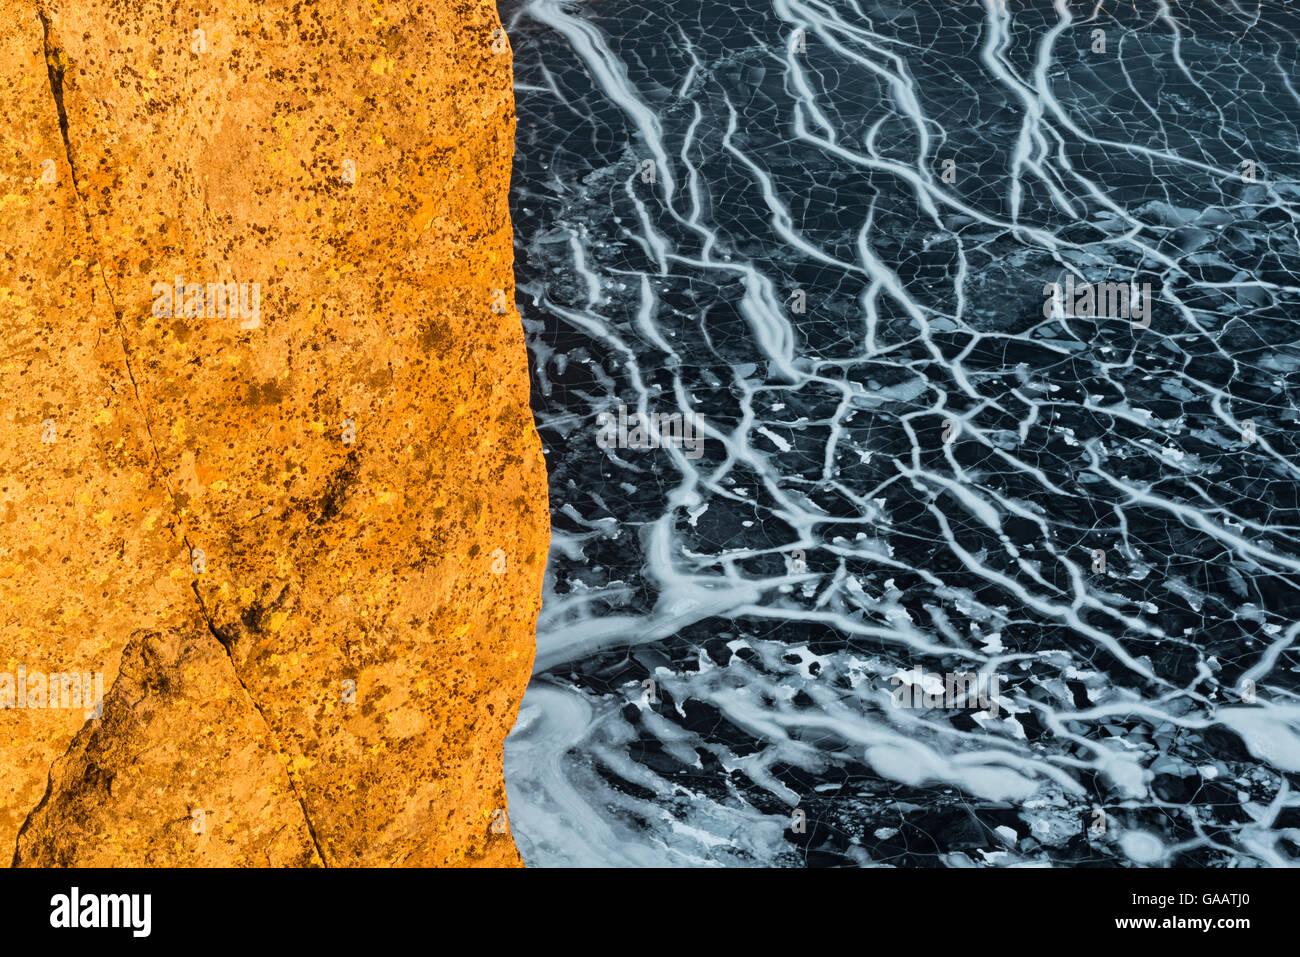 Ice patterns on lake, Sorvagen, Moskenes, Lofoten, Nordland, Norway, January. - Stock Image